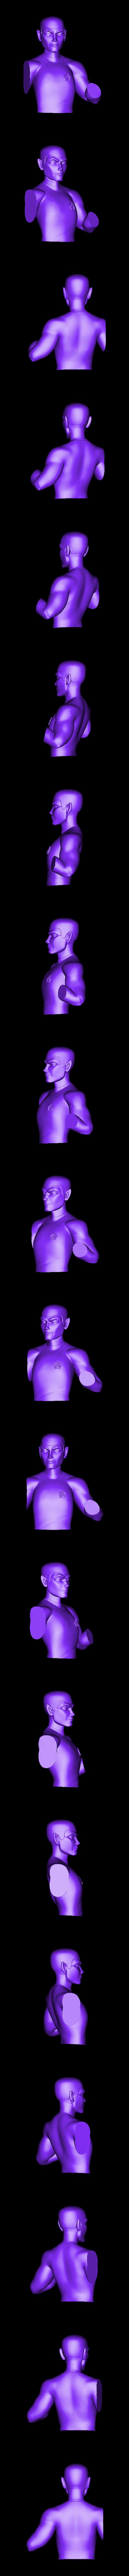 Body.stl Télécharger fichier STL gratuit Spock stylisé - Pose 2 • Plan imprimable en 3D, CarlCreates